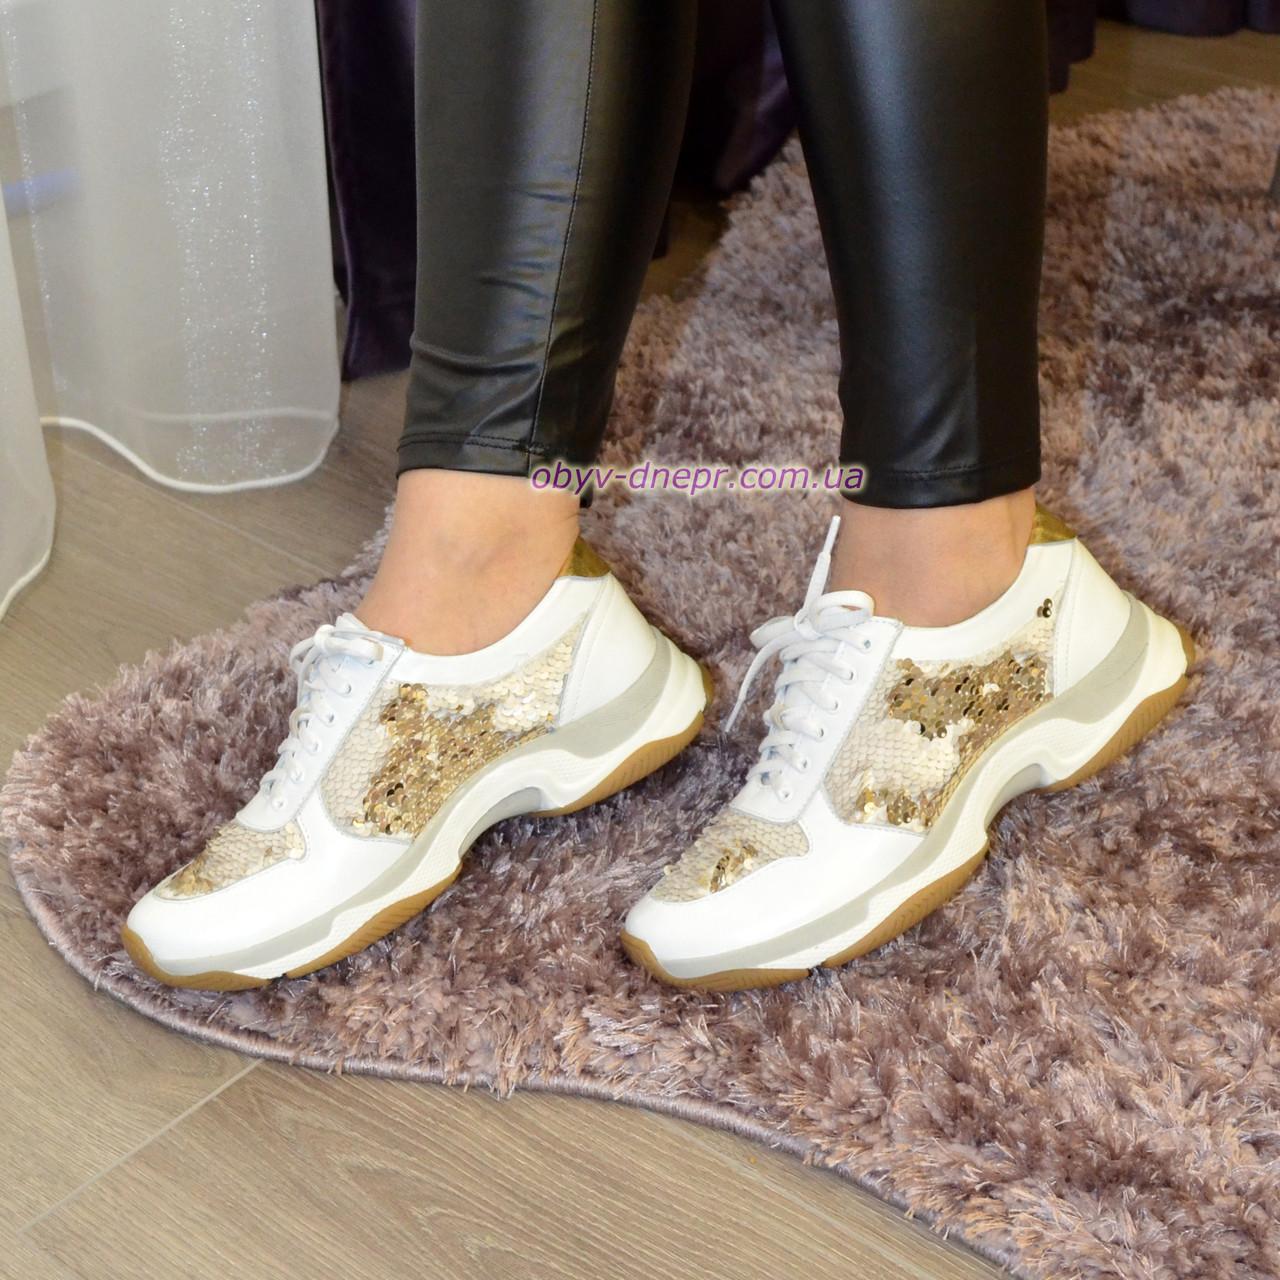 Стильные женские кожаные кроссовки на шнуровке, декорированы пайетками